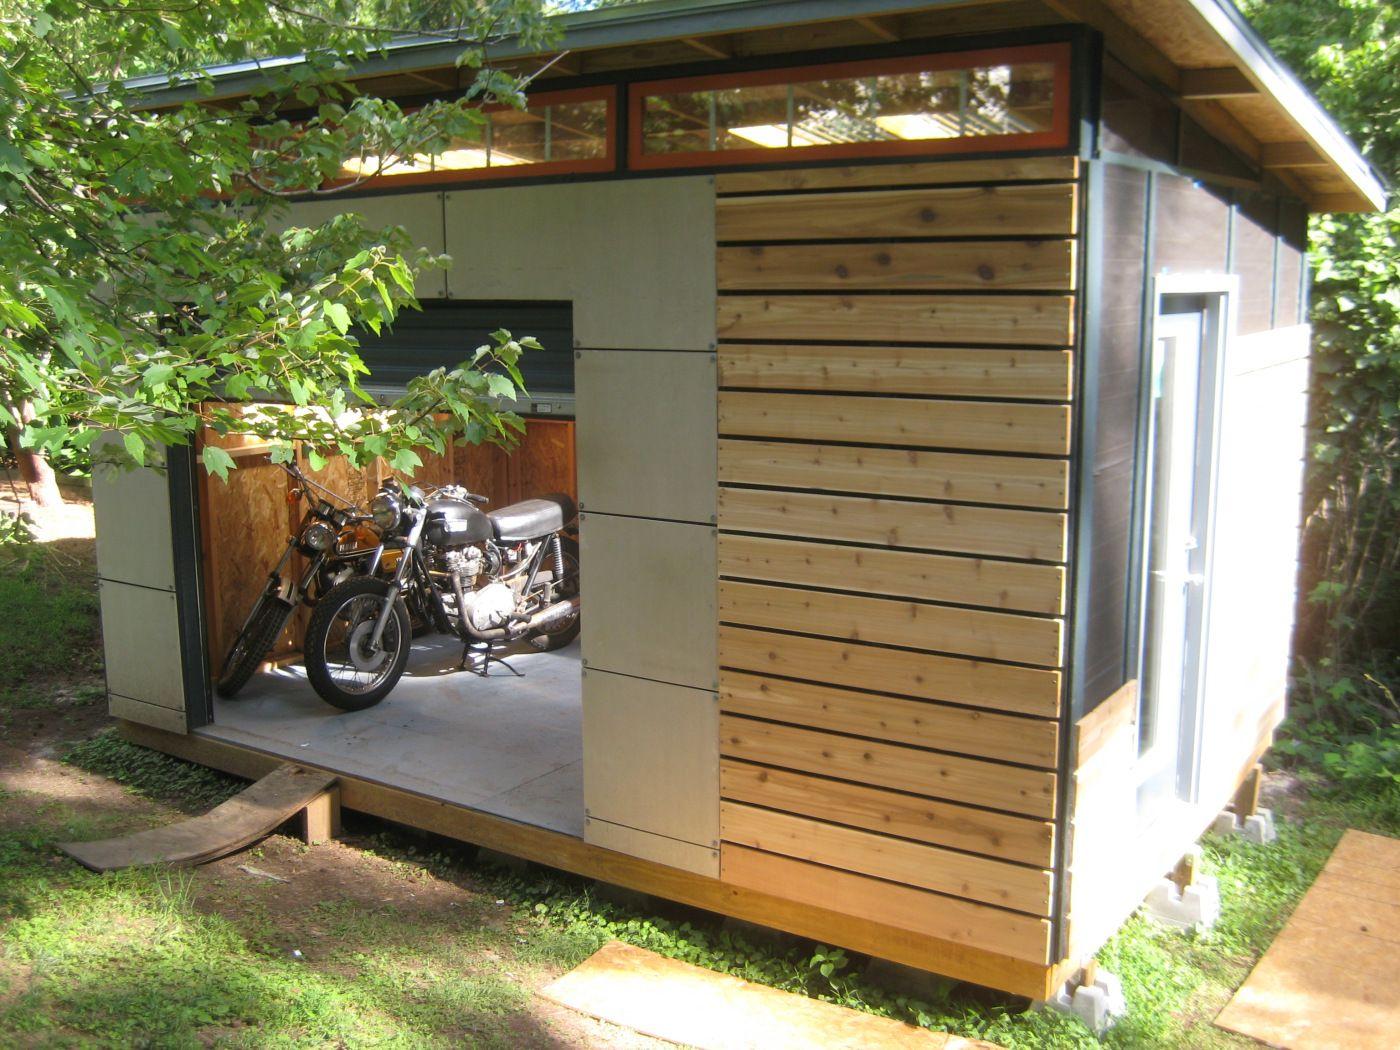 Diy Modern Shed Project | Design Petite Maison, Hangar ... dedans Ides Abri Moto